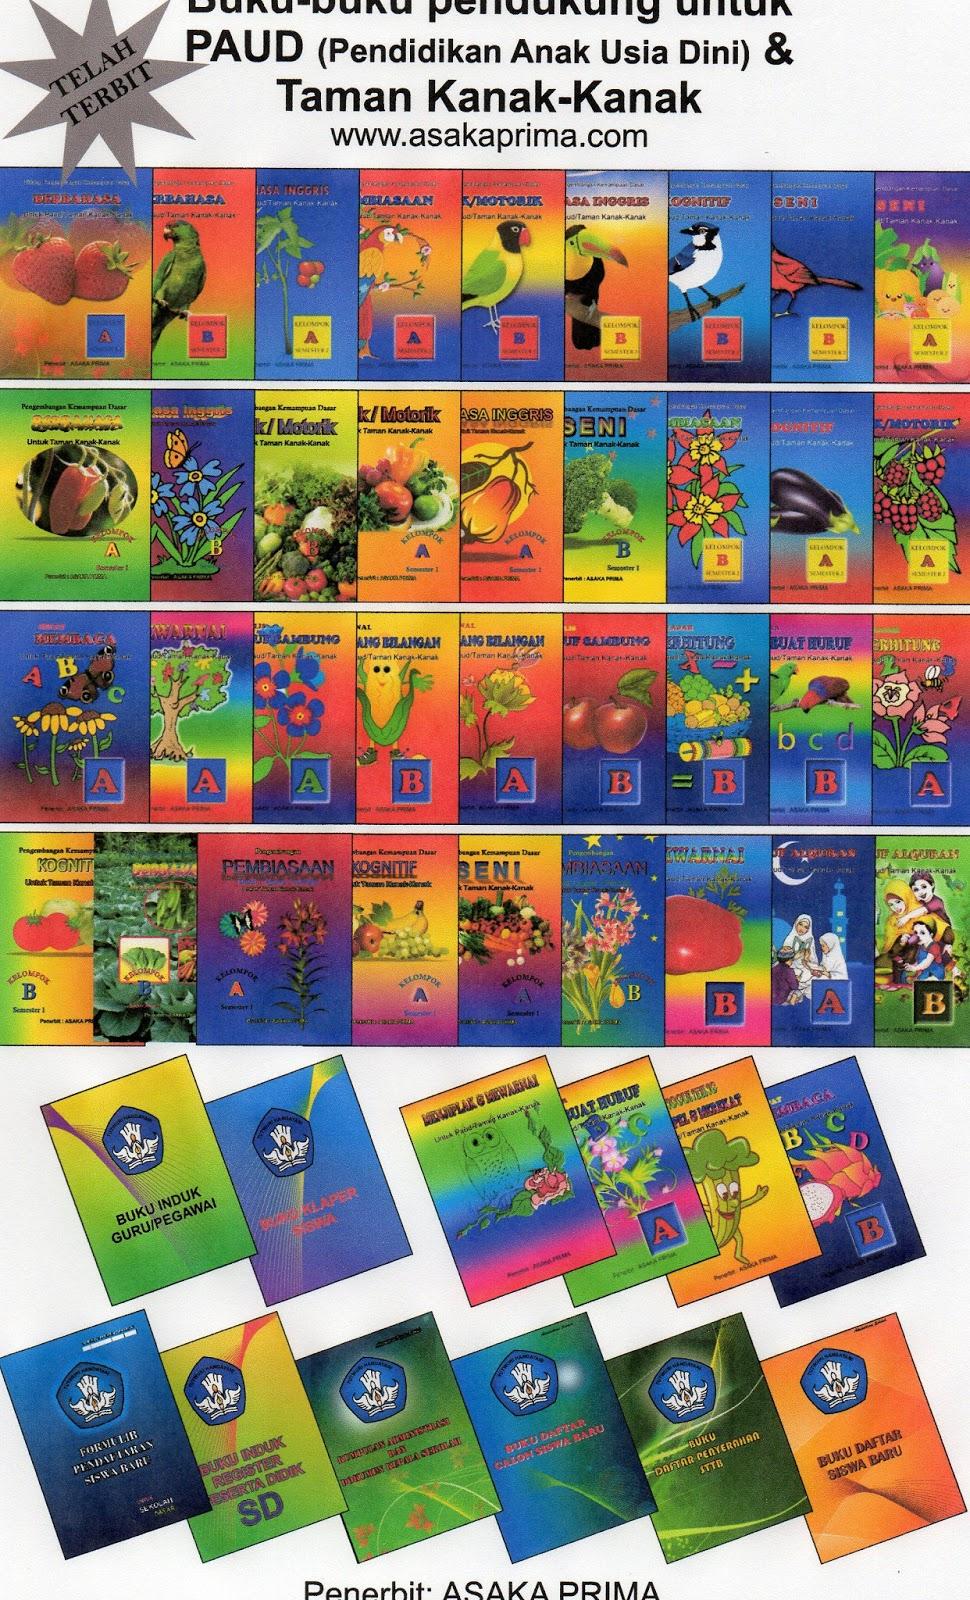 buku paud,buku tk,buku pg,penerbit asaka prima,daftar buku paud,majalah paud,majalah tk,majalah tk,buku administrasi sekolah,buku induk